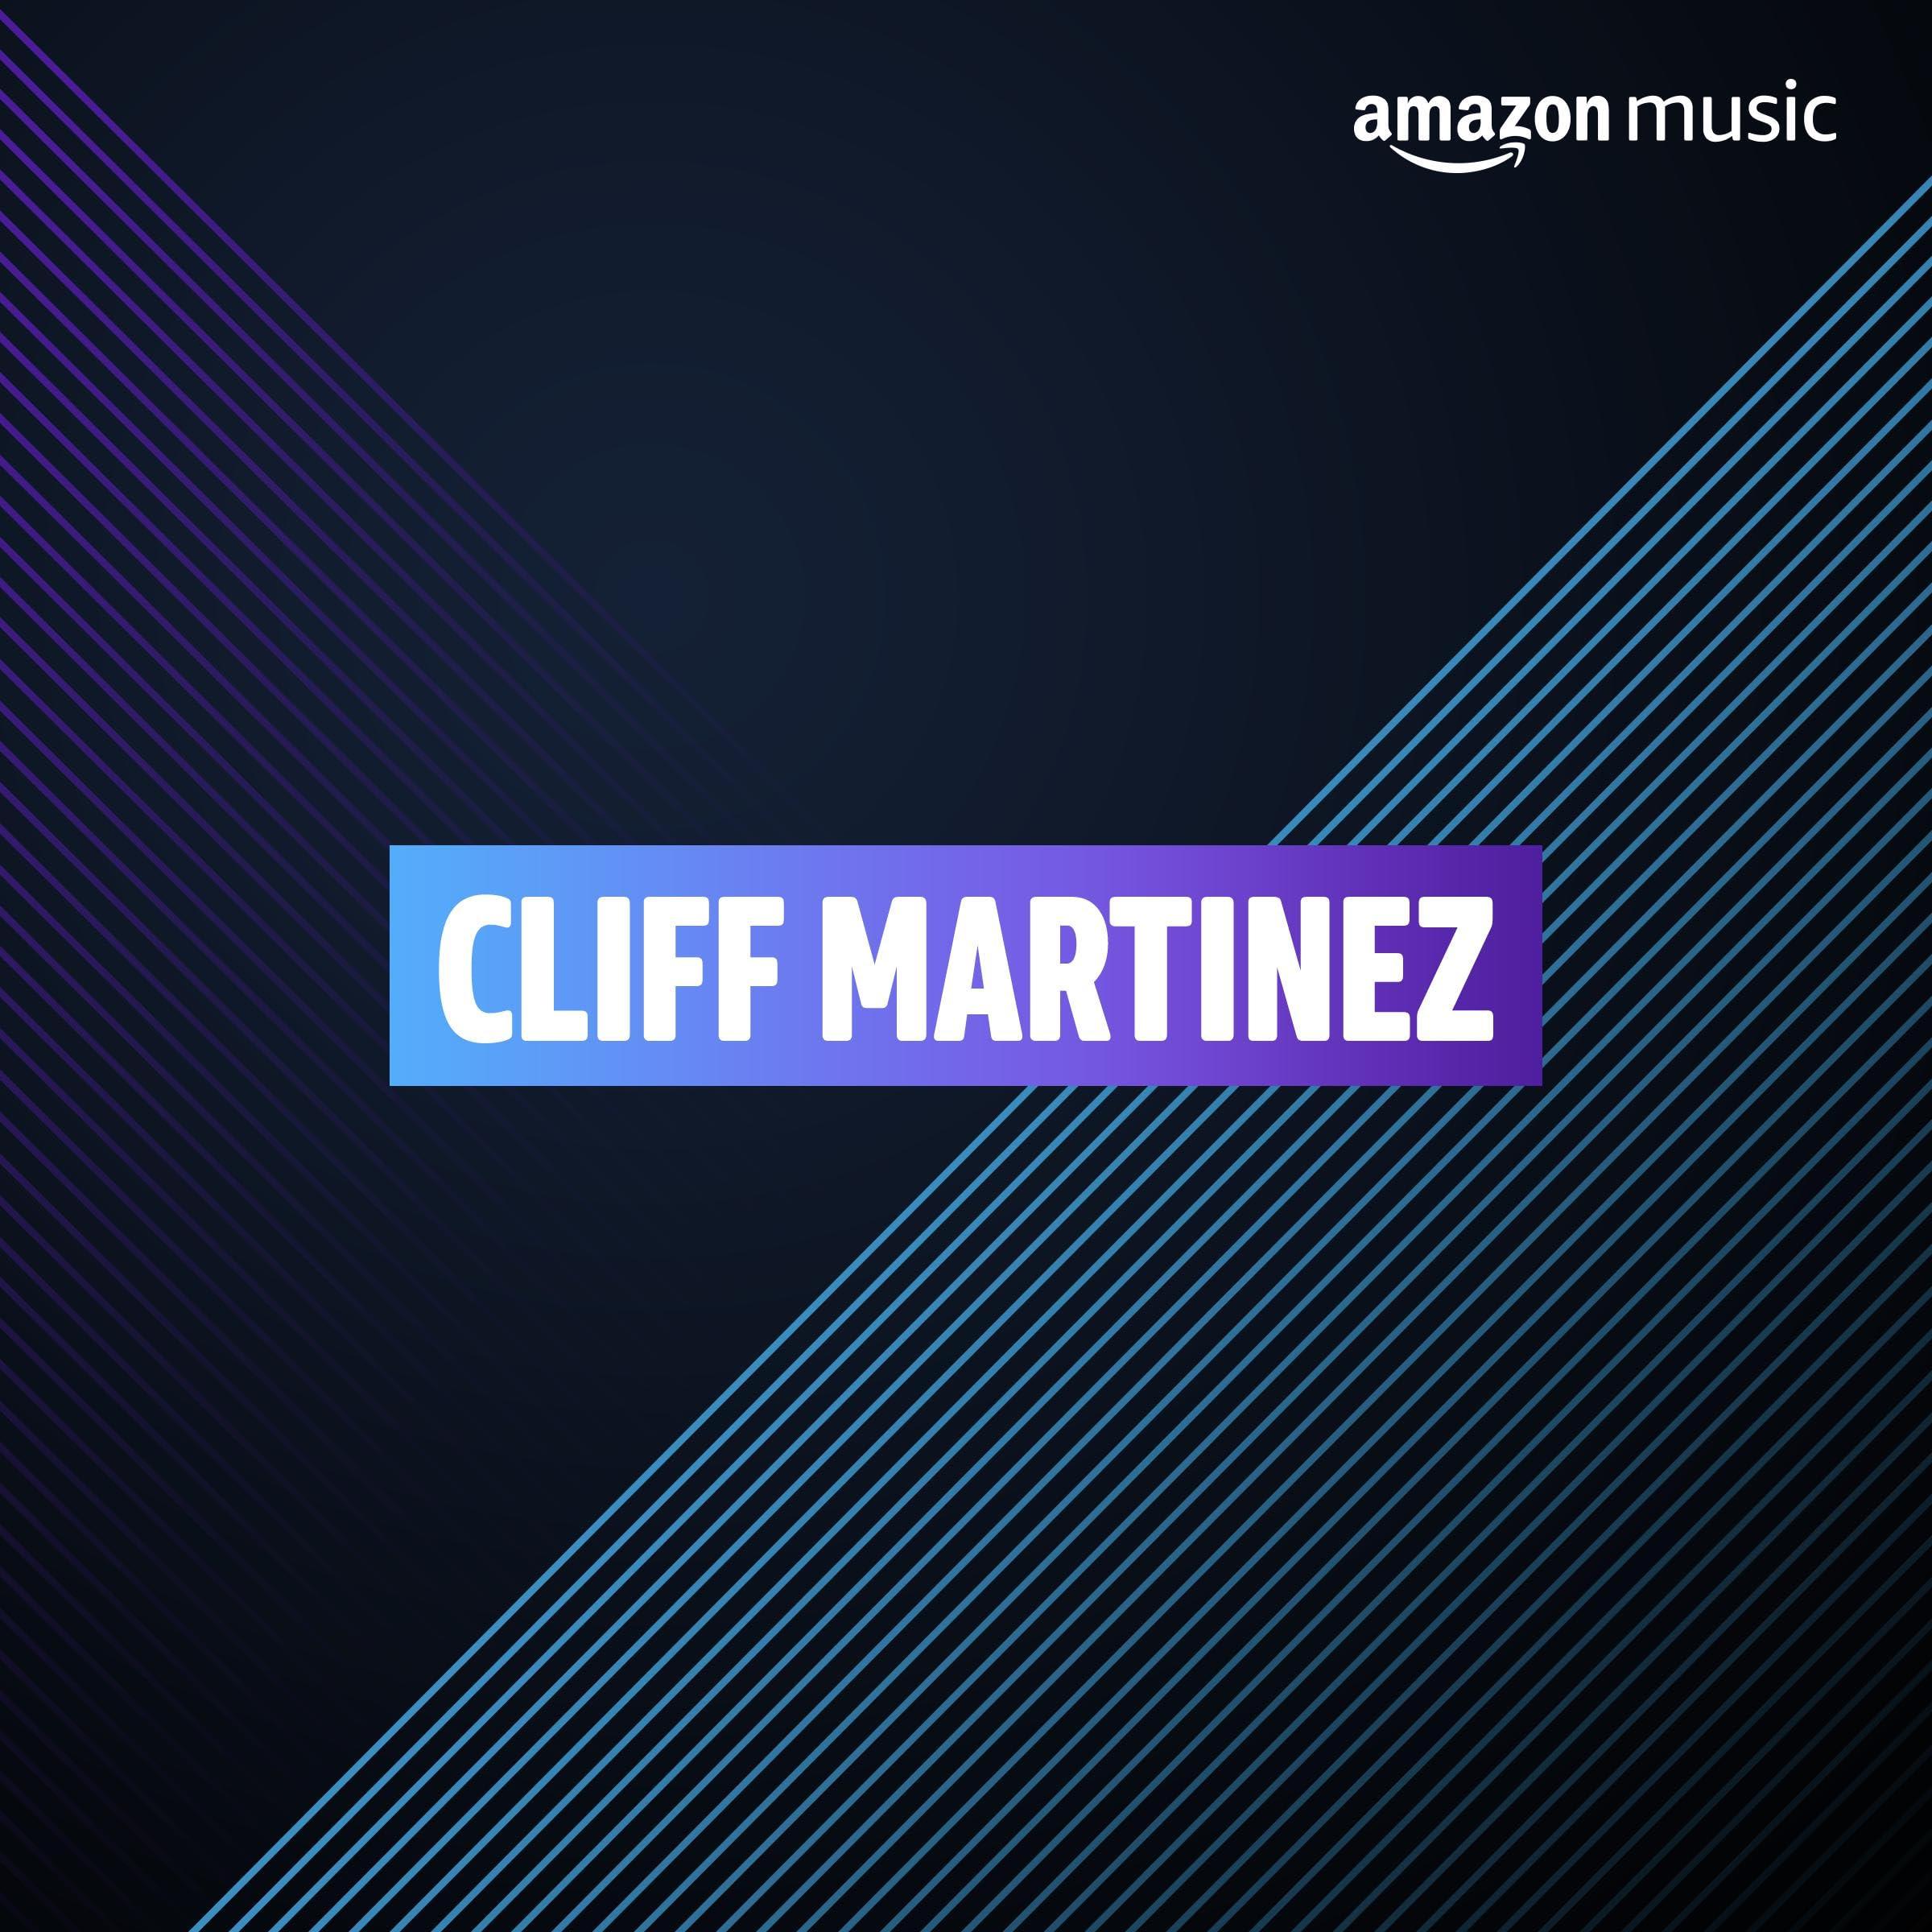 Cliff Martinez